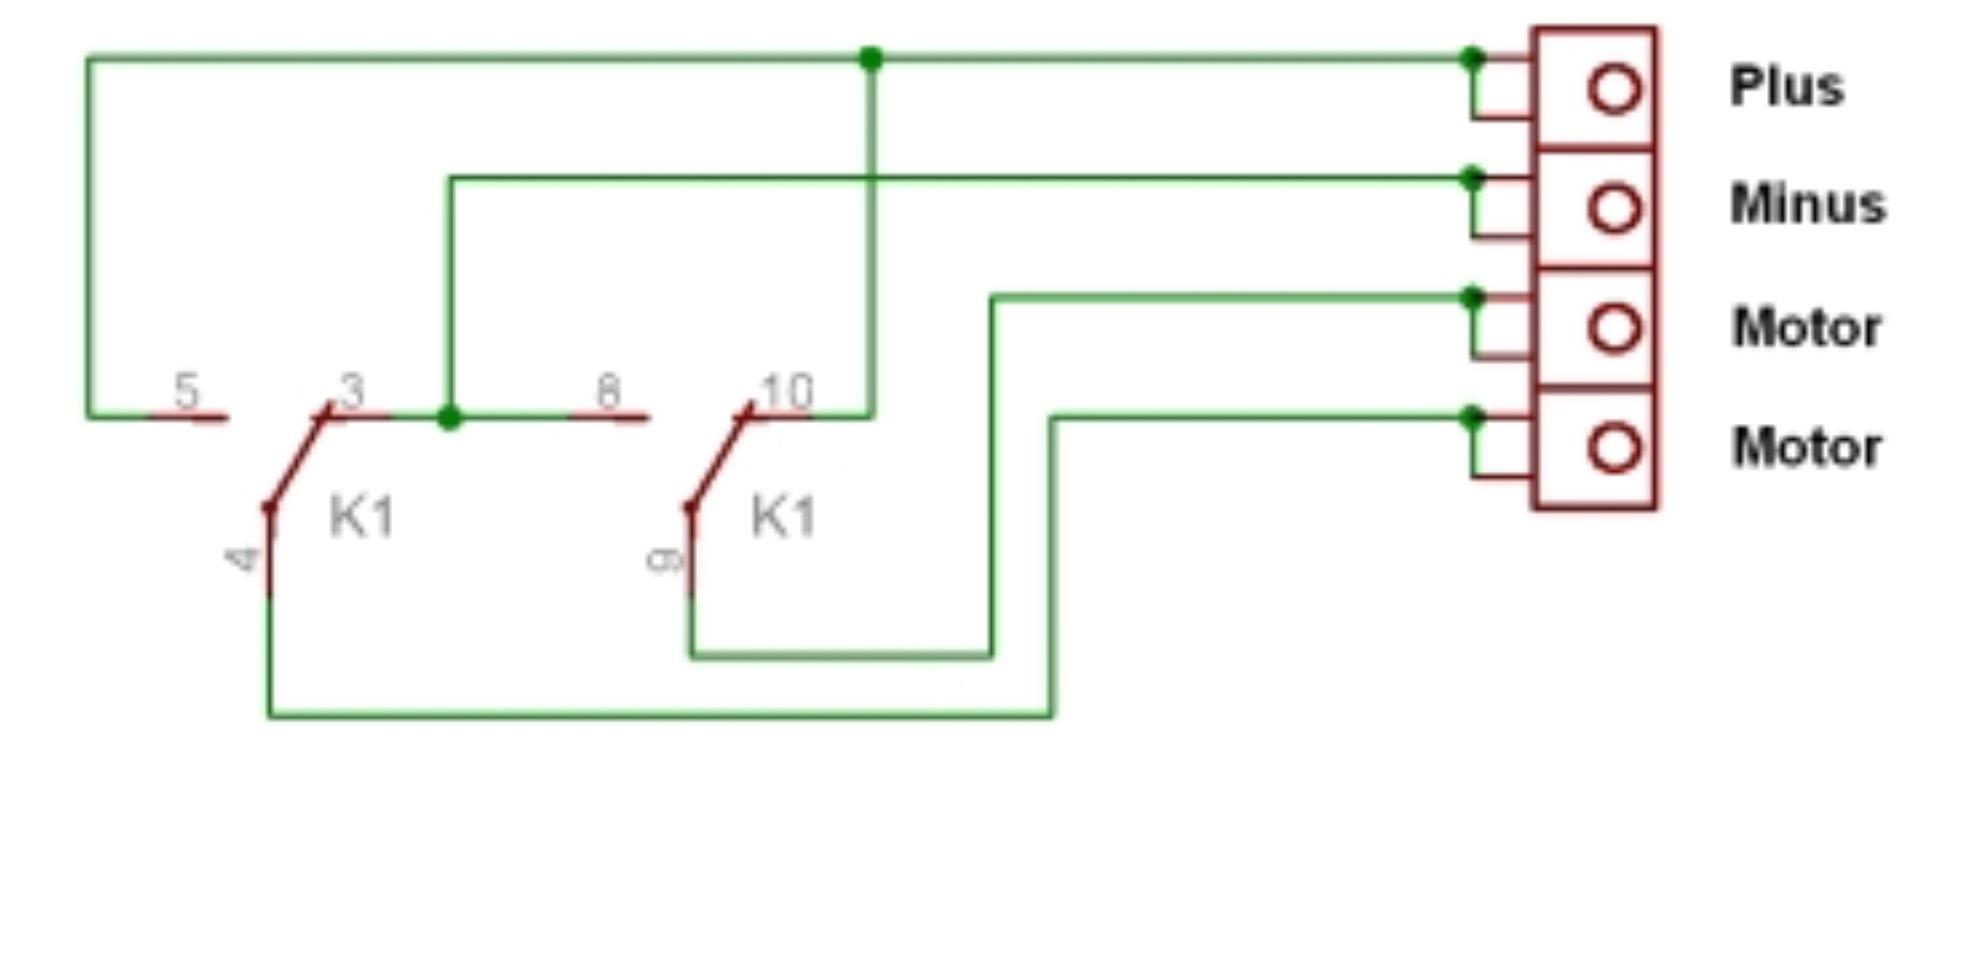 Abgeschlossen: Schranktür öffnen/schließen mittels Linearmotor ...